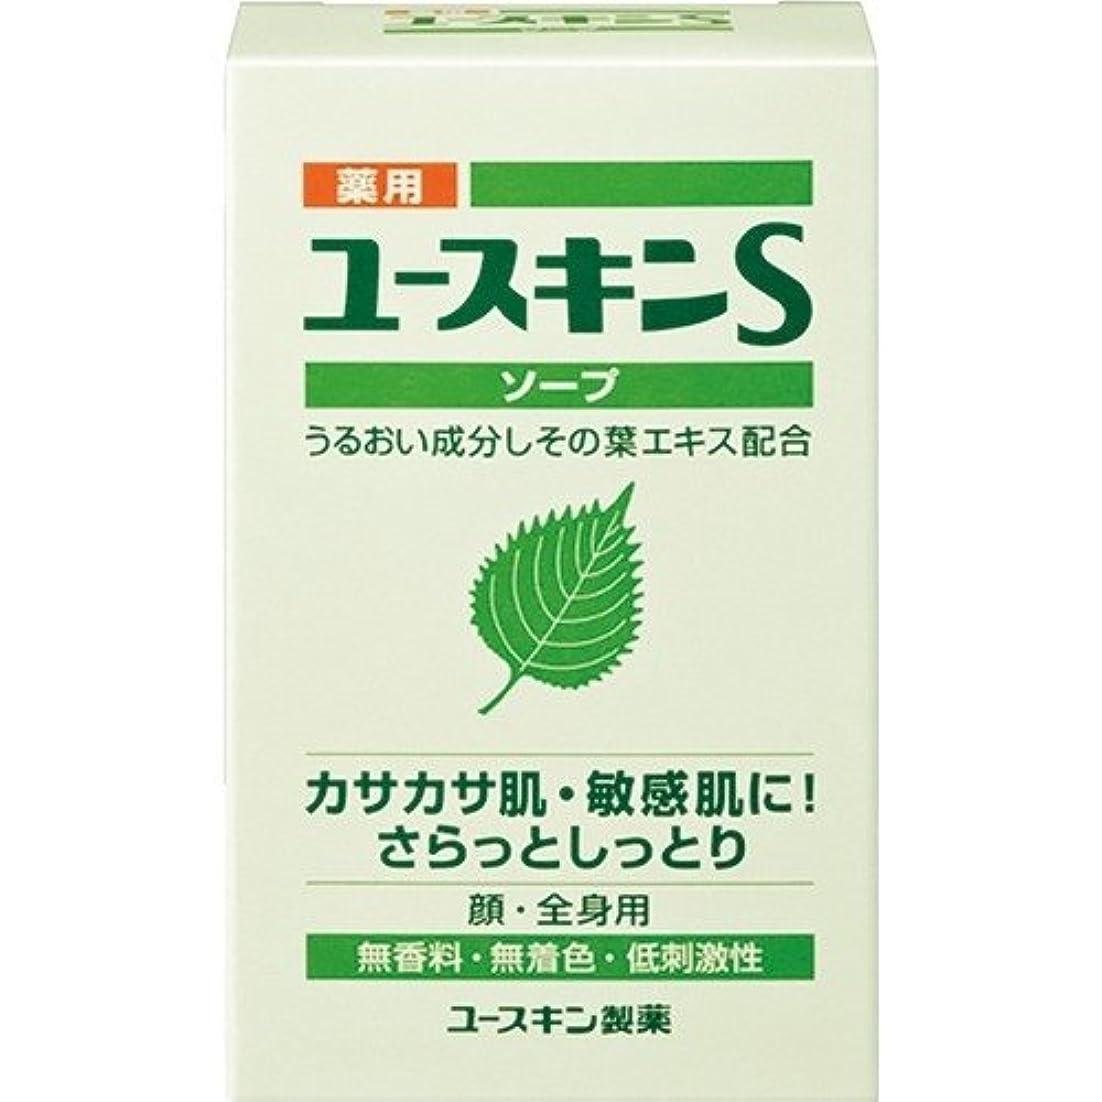 ティーム白い植生薬用ユースキンSソープ